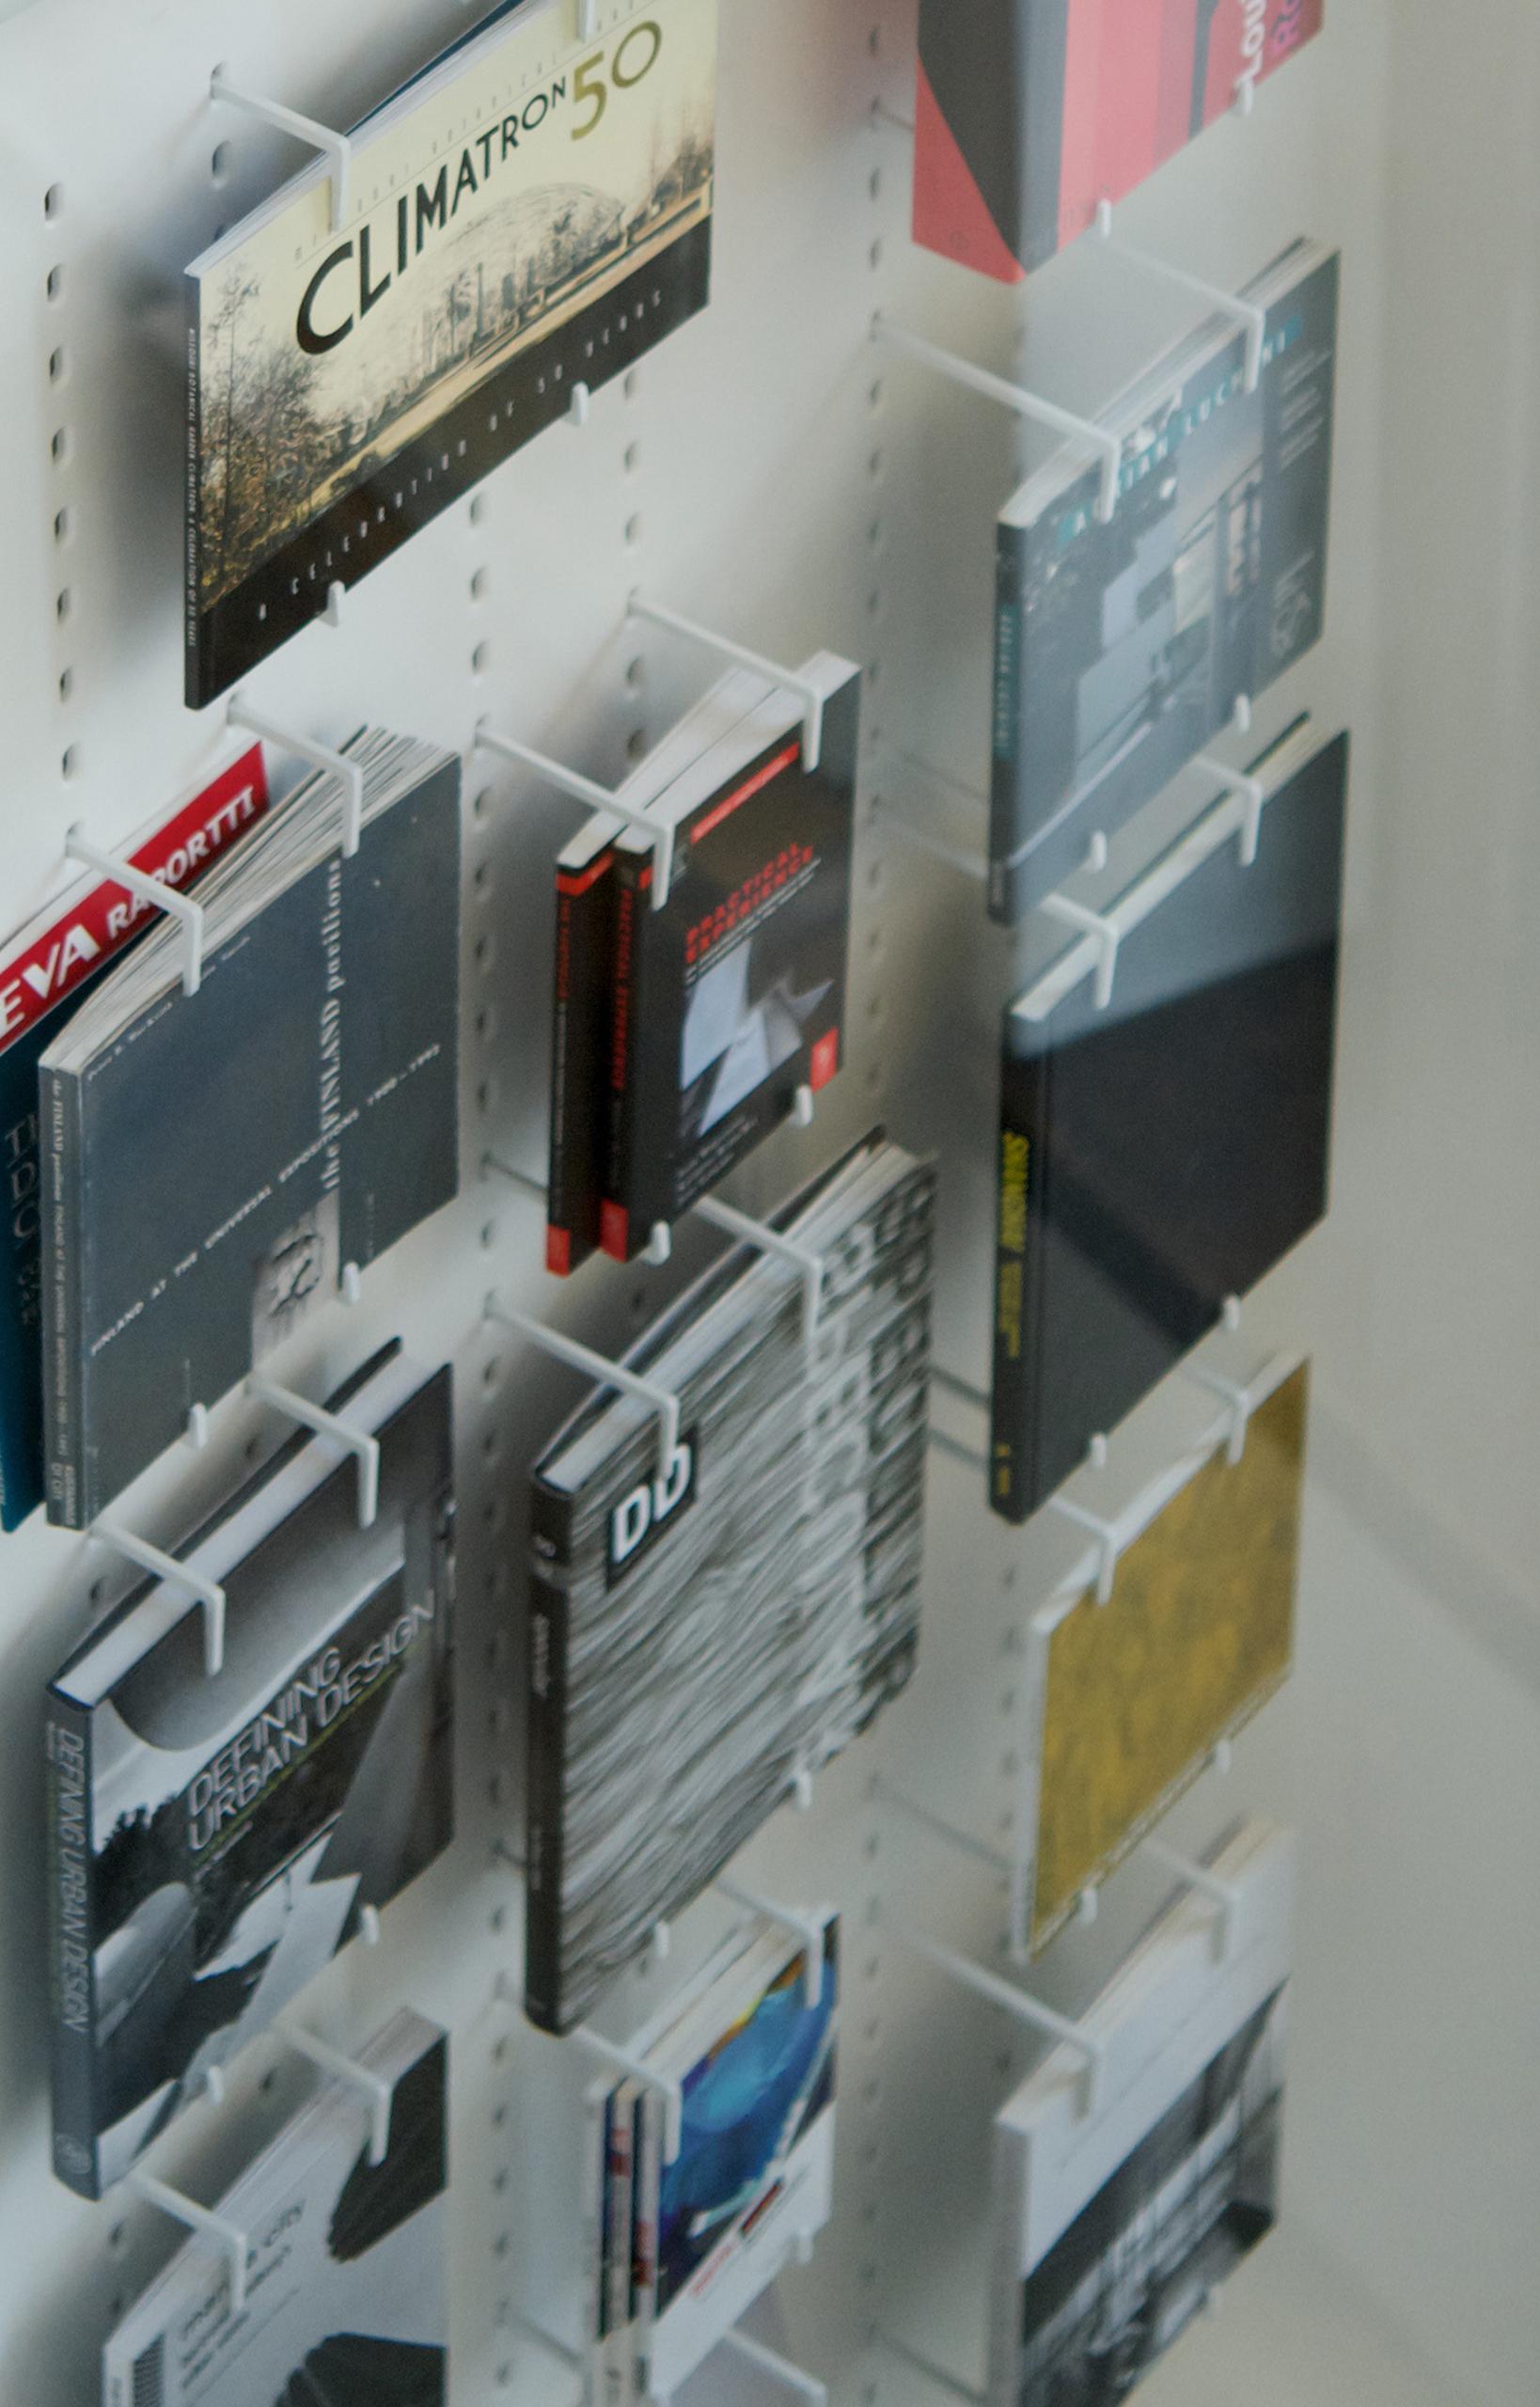 Books_CloseUp01.jpg